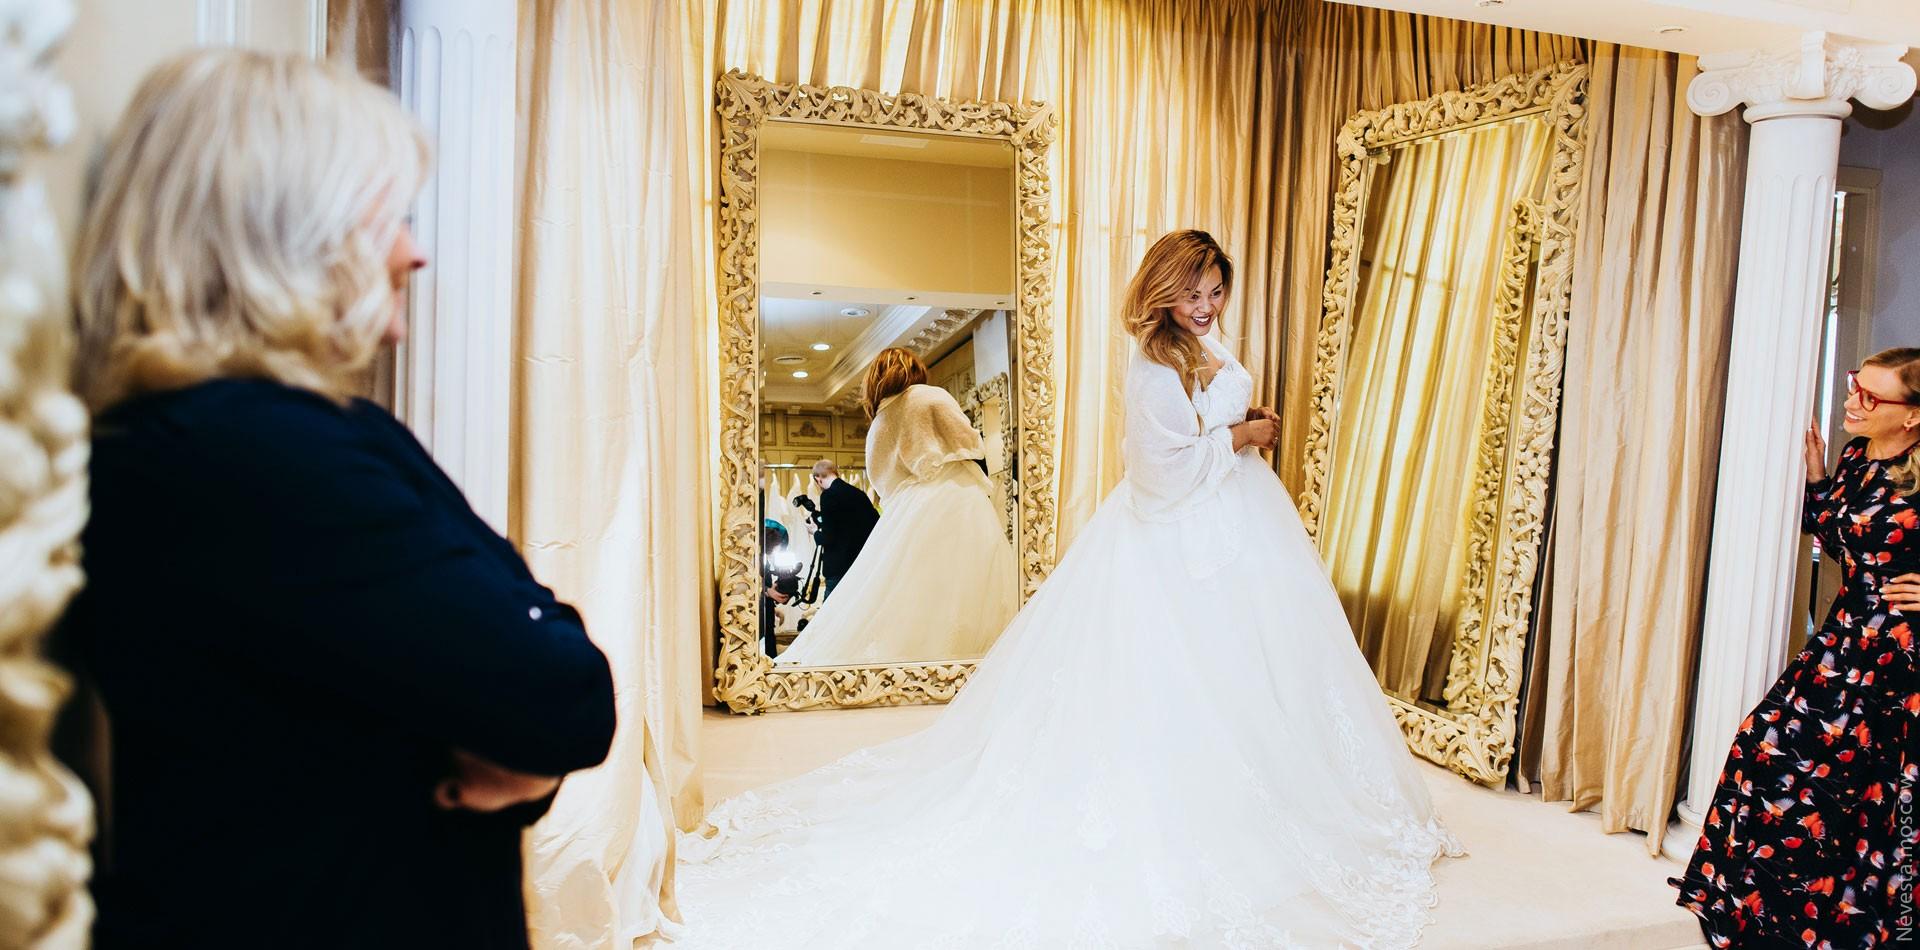 Корнелия Манго невеста свадьба выбор платья фото 9